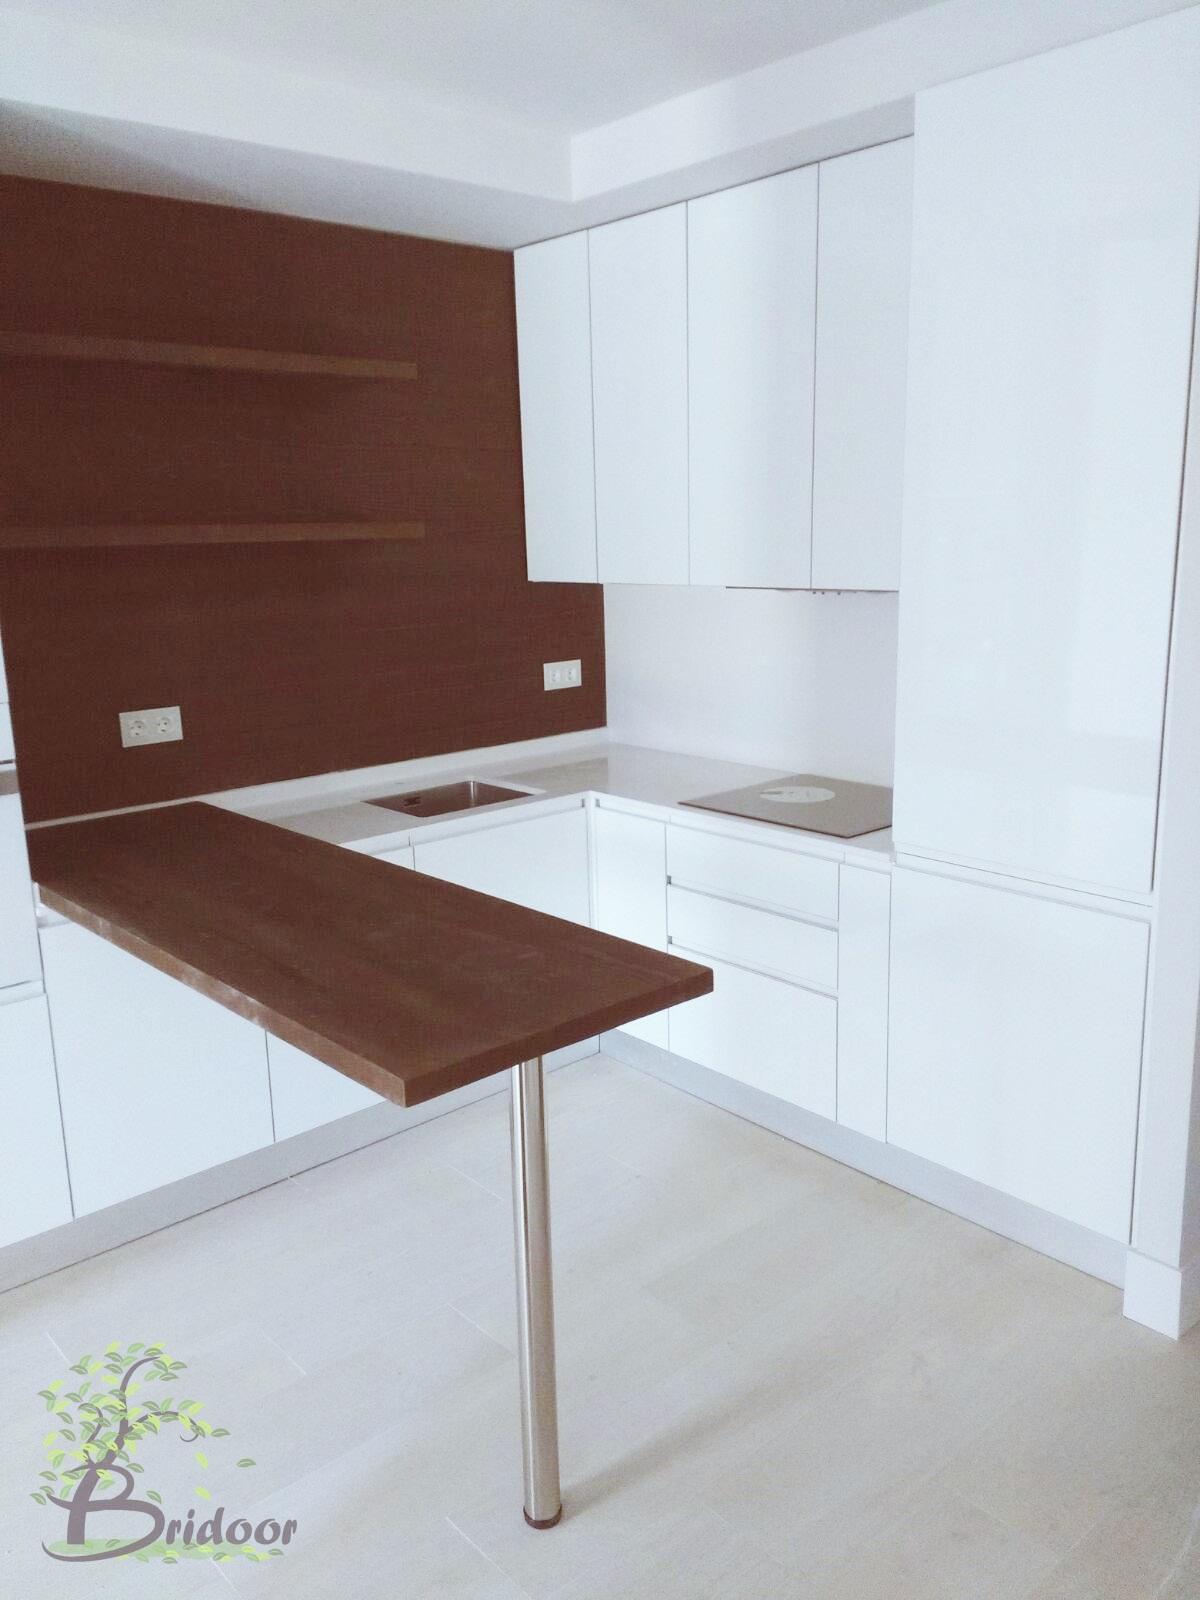 Bridoor s l cocina de madera en el centro de madrid - Montadores de cocinas ...